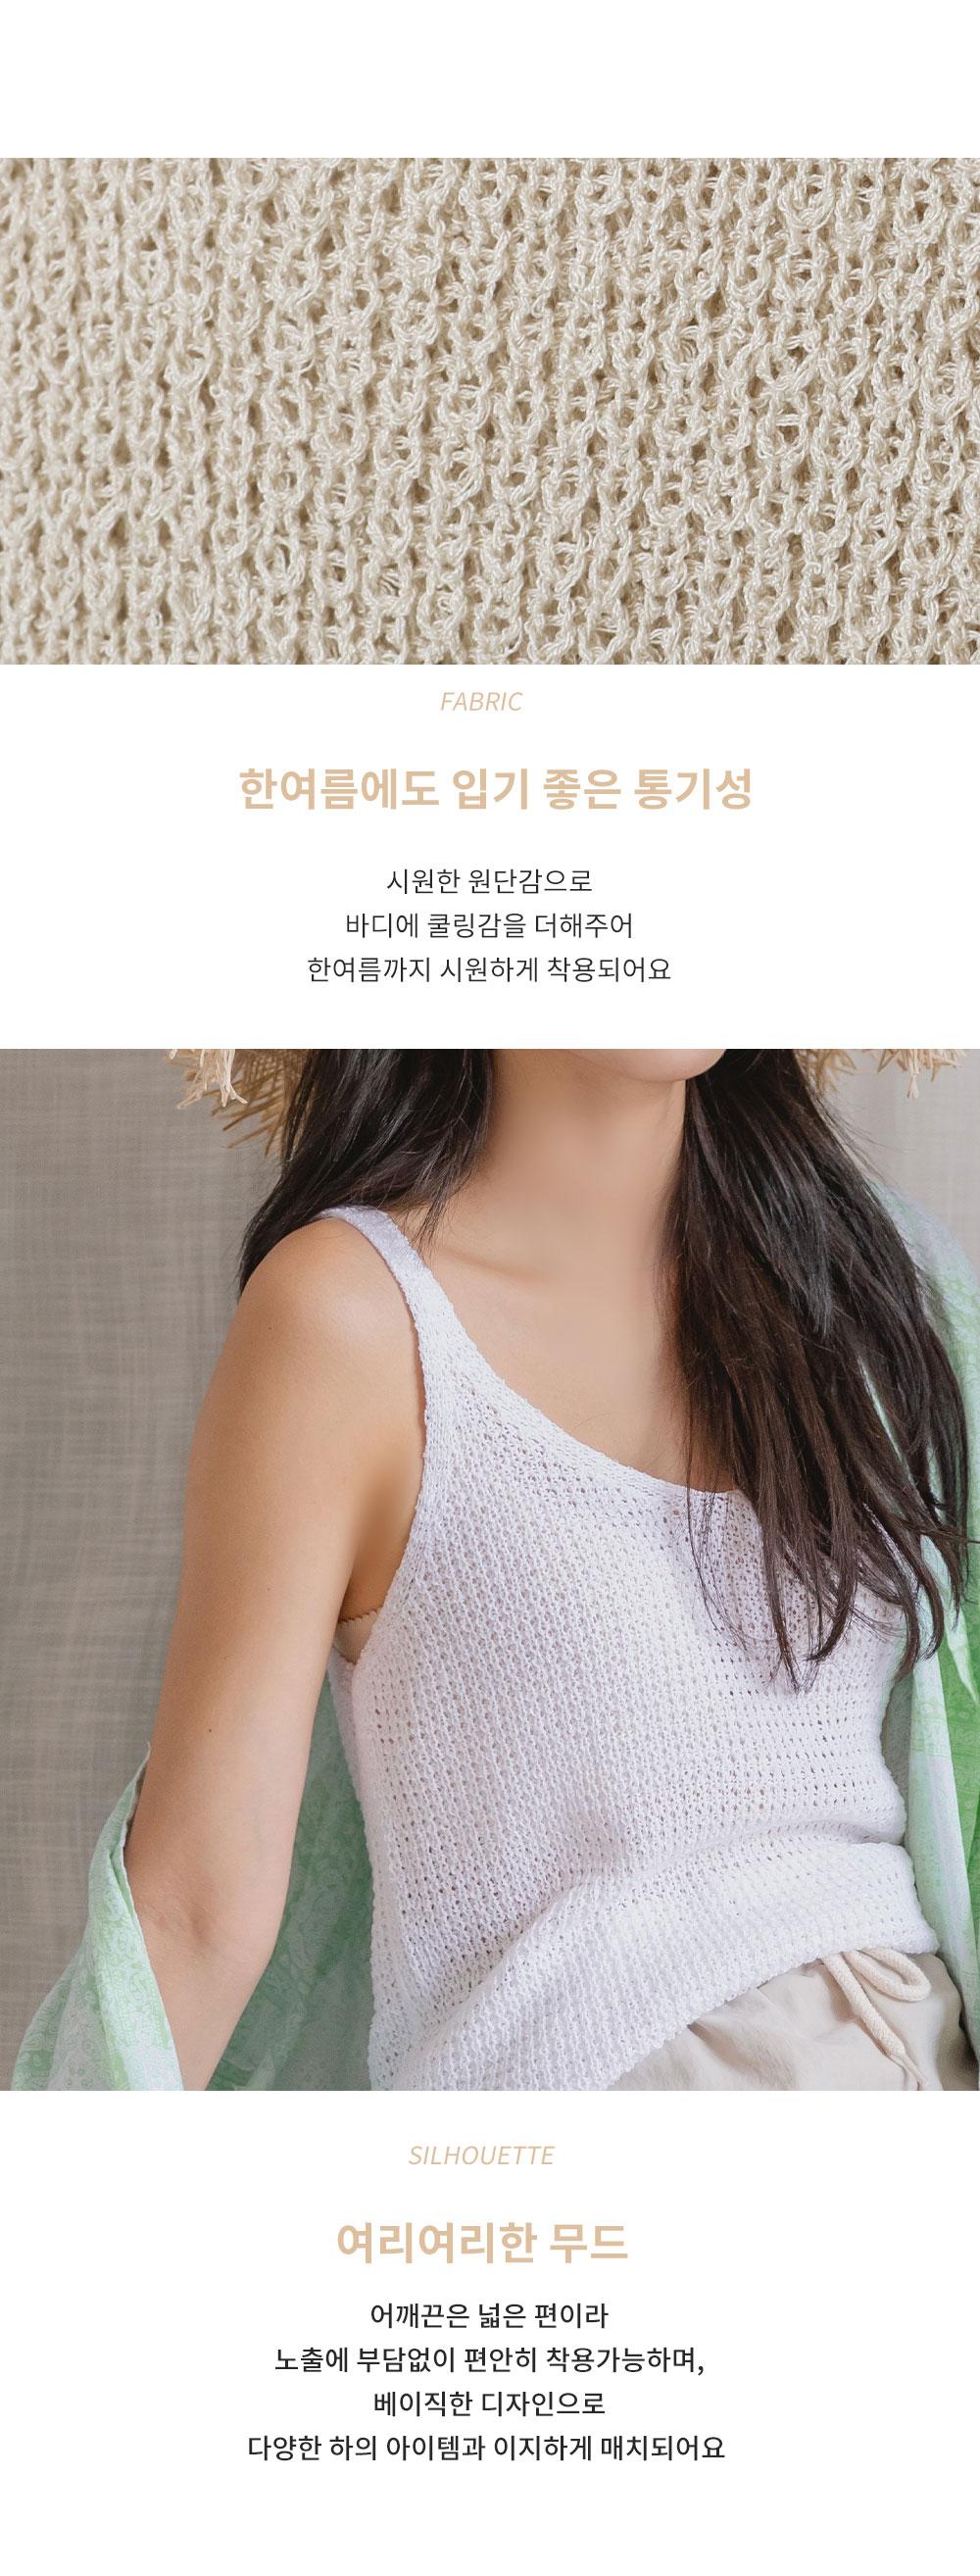 Distie Knitwear Sleeveless